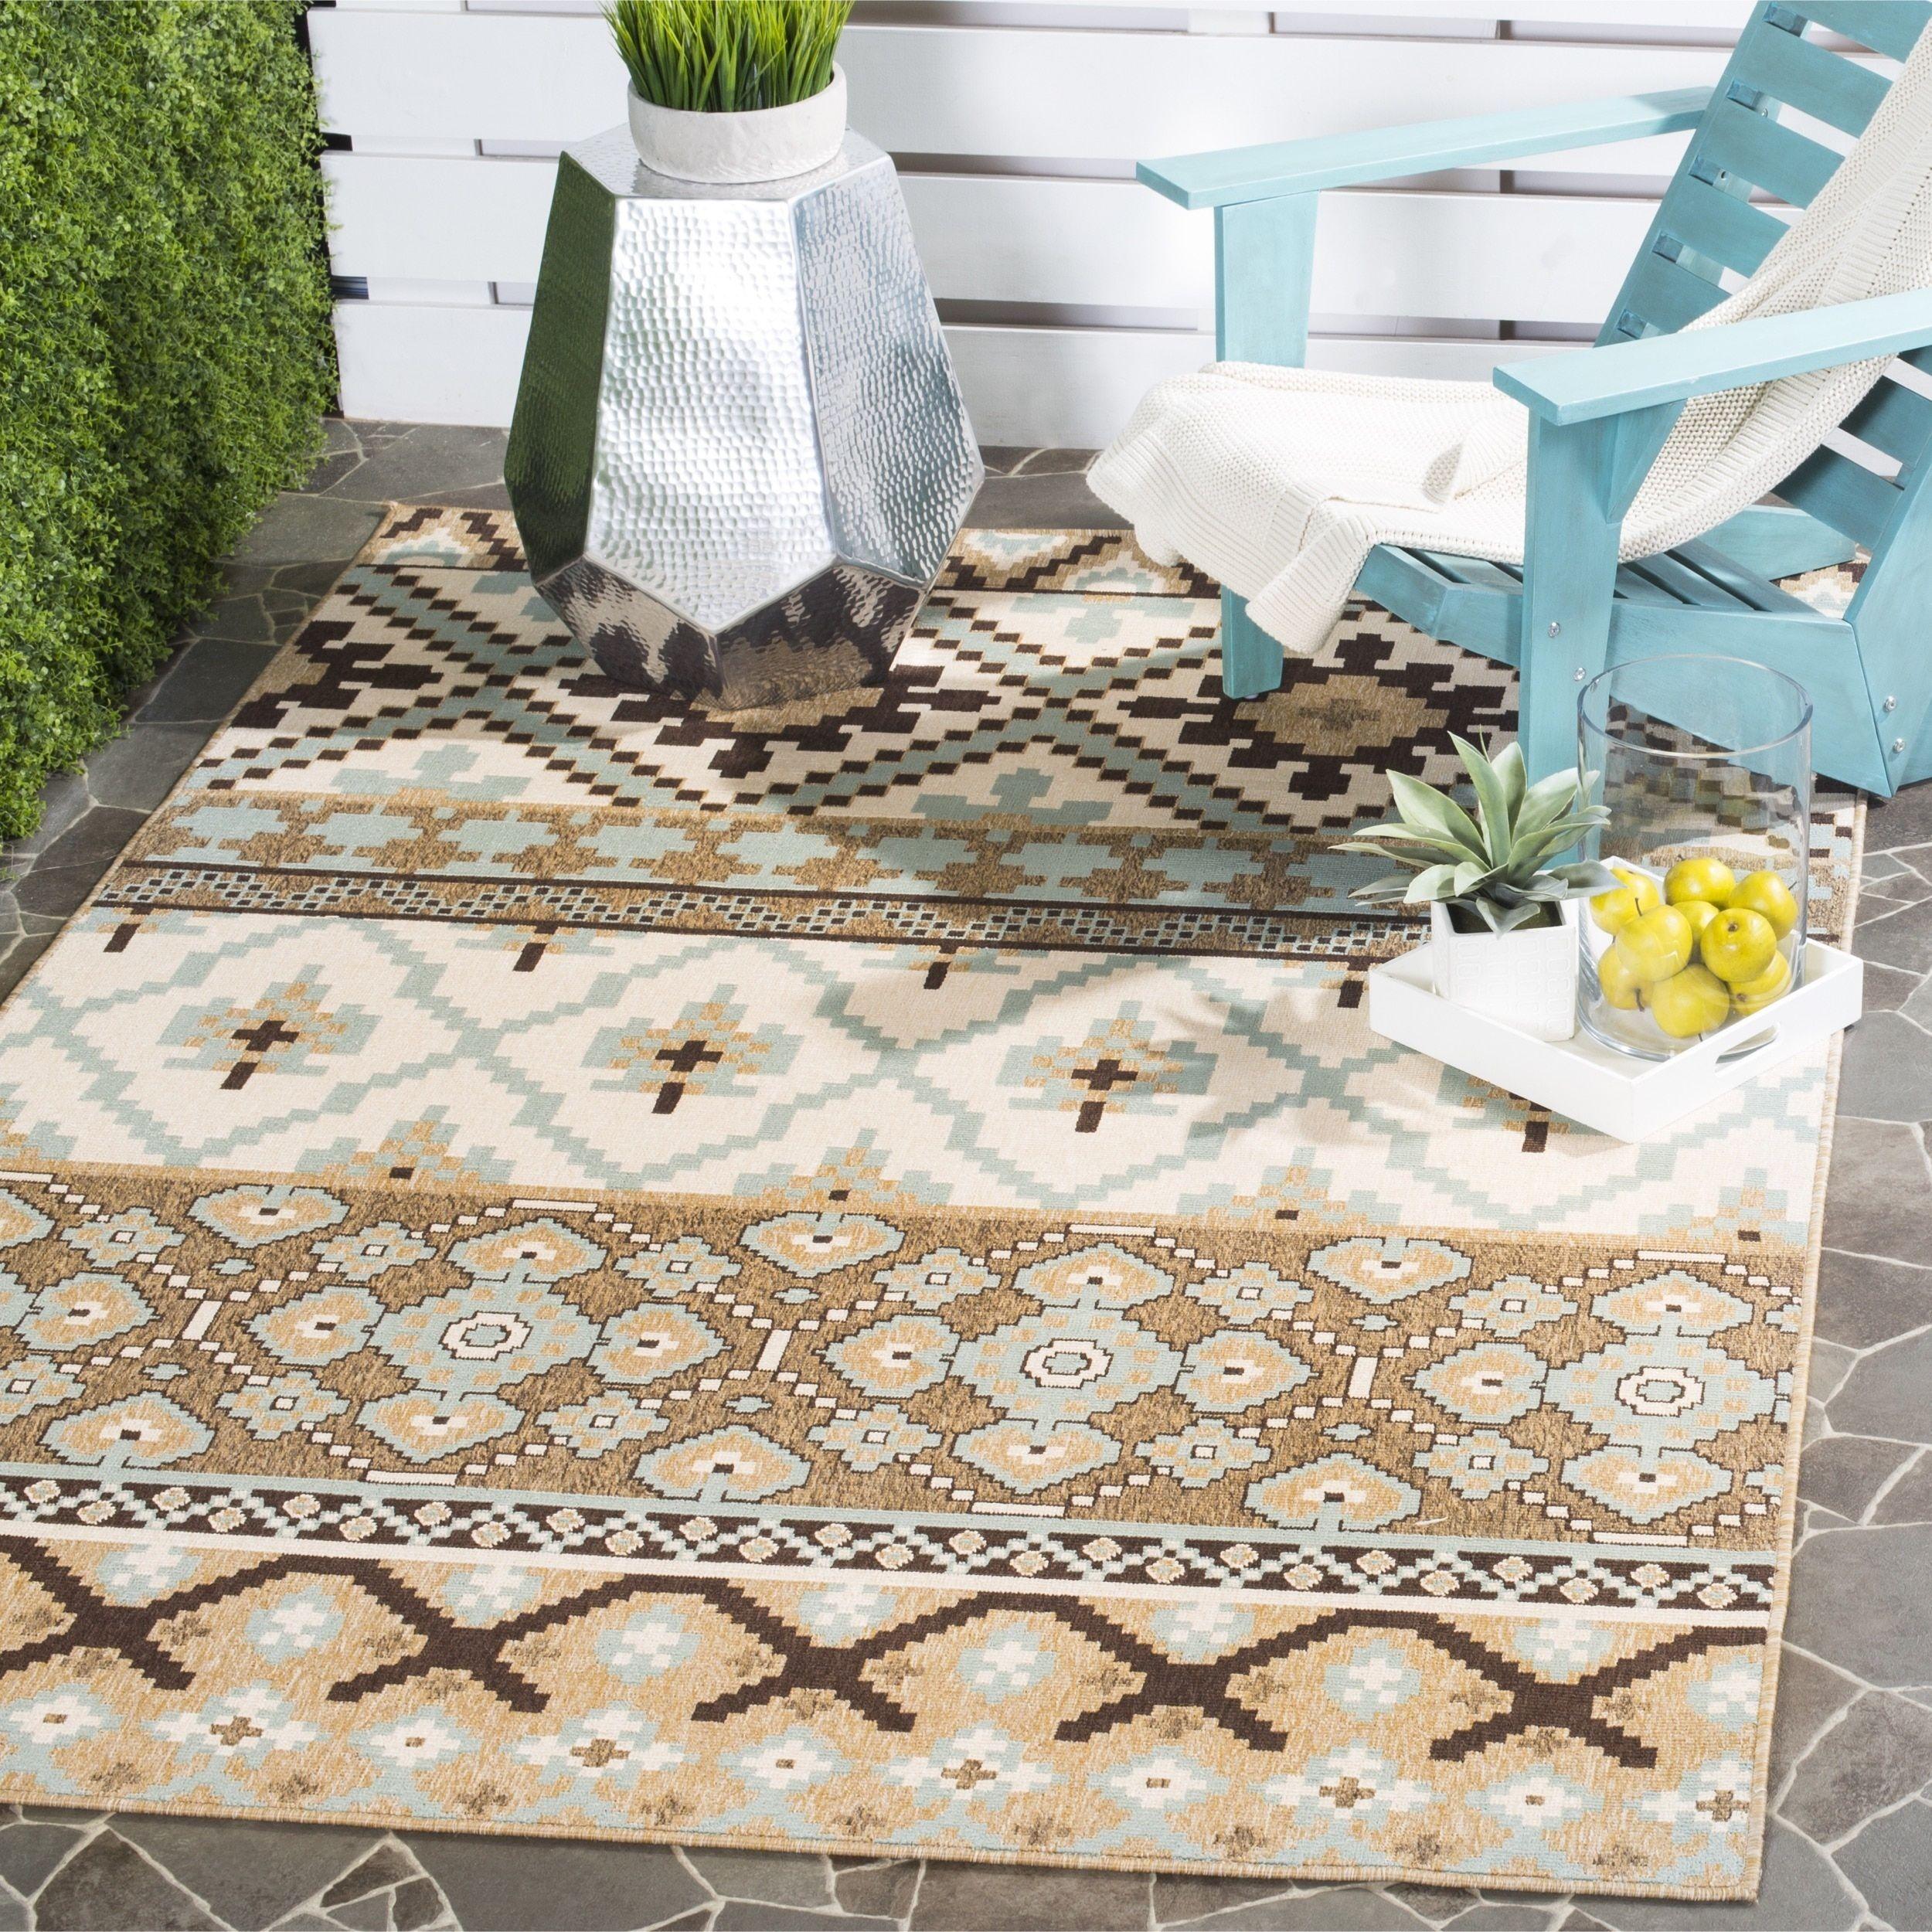 Safavieh Veranda Cream Brown Indoor Outdoor Area Rug 6 7 X 9 6